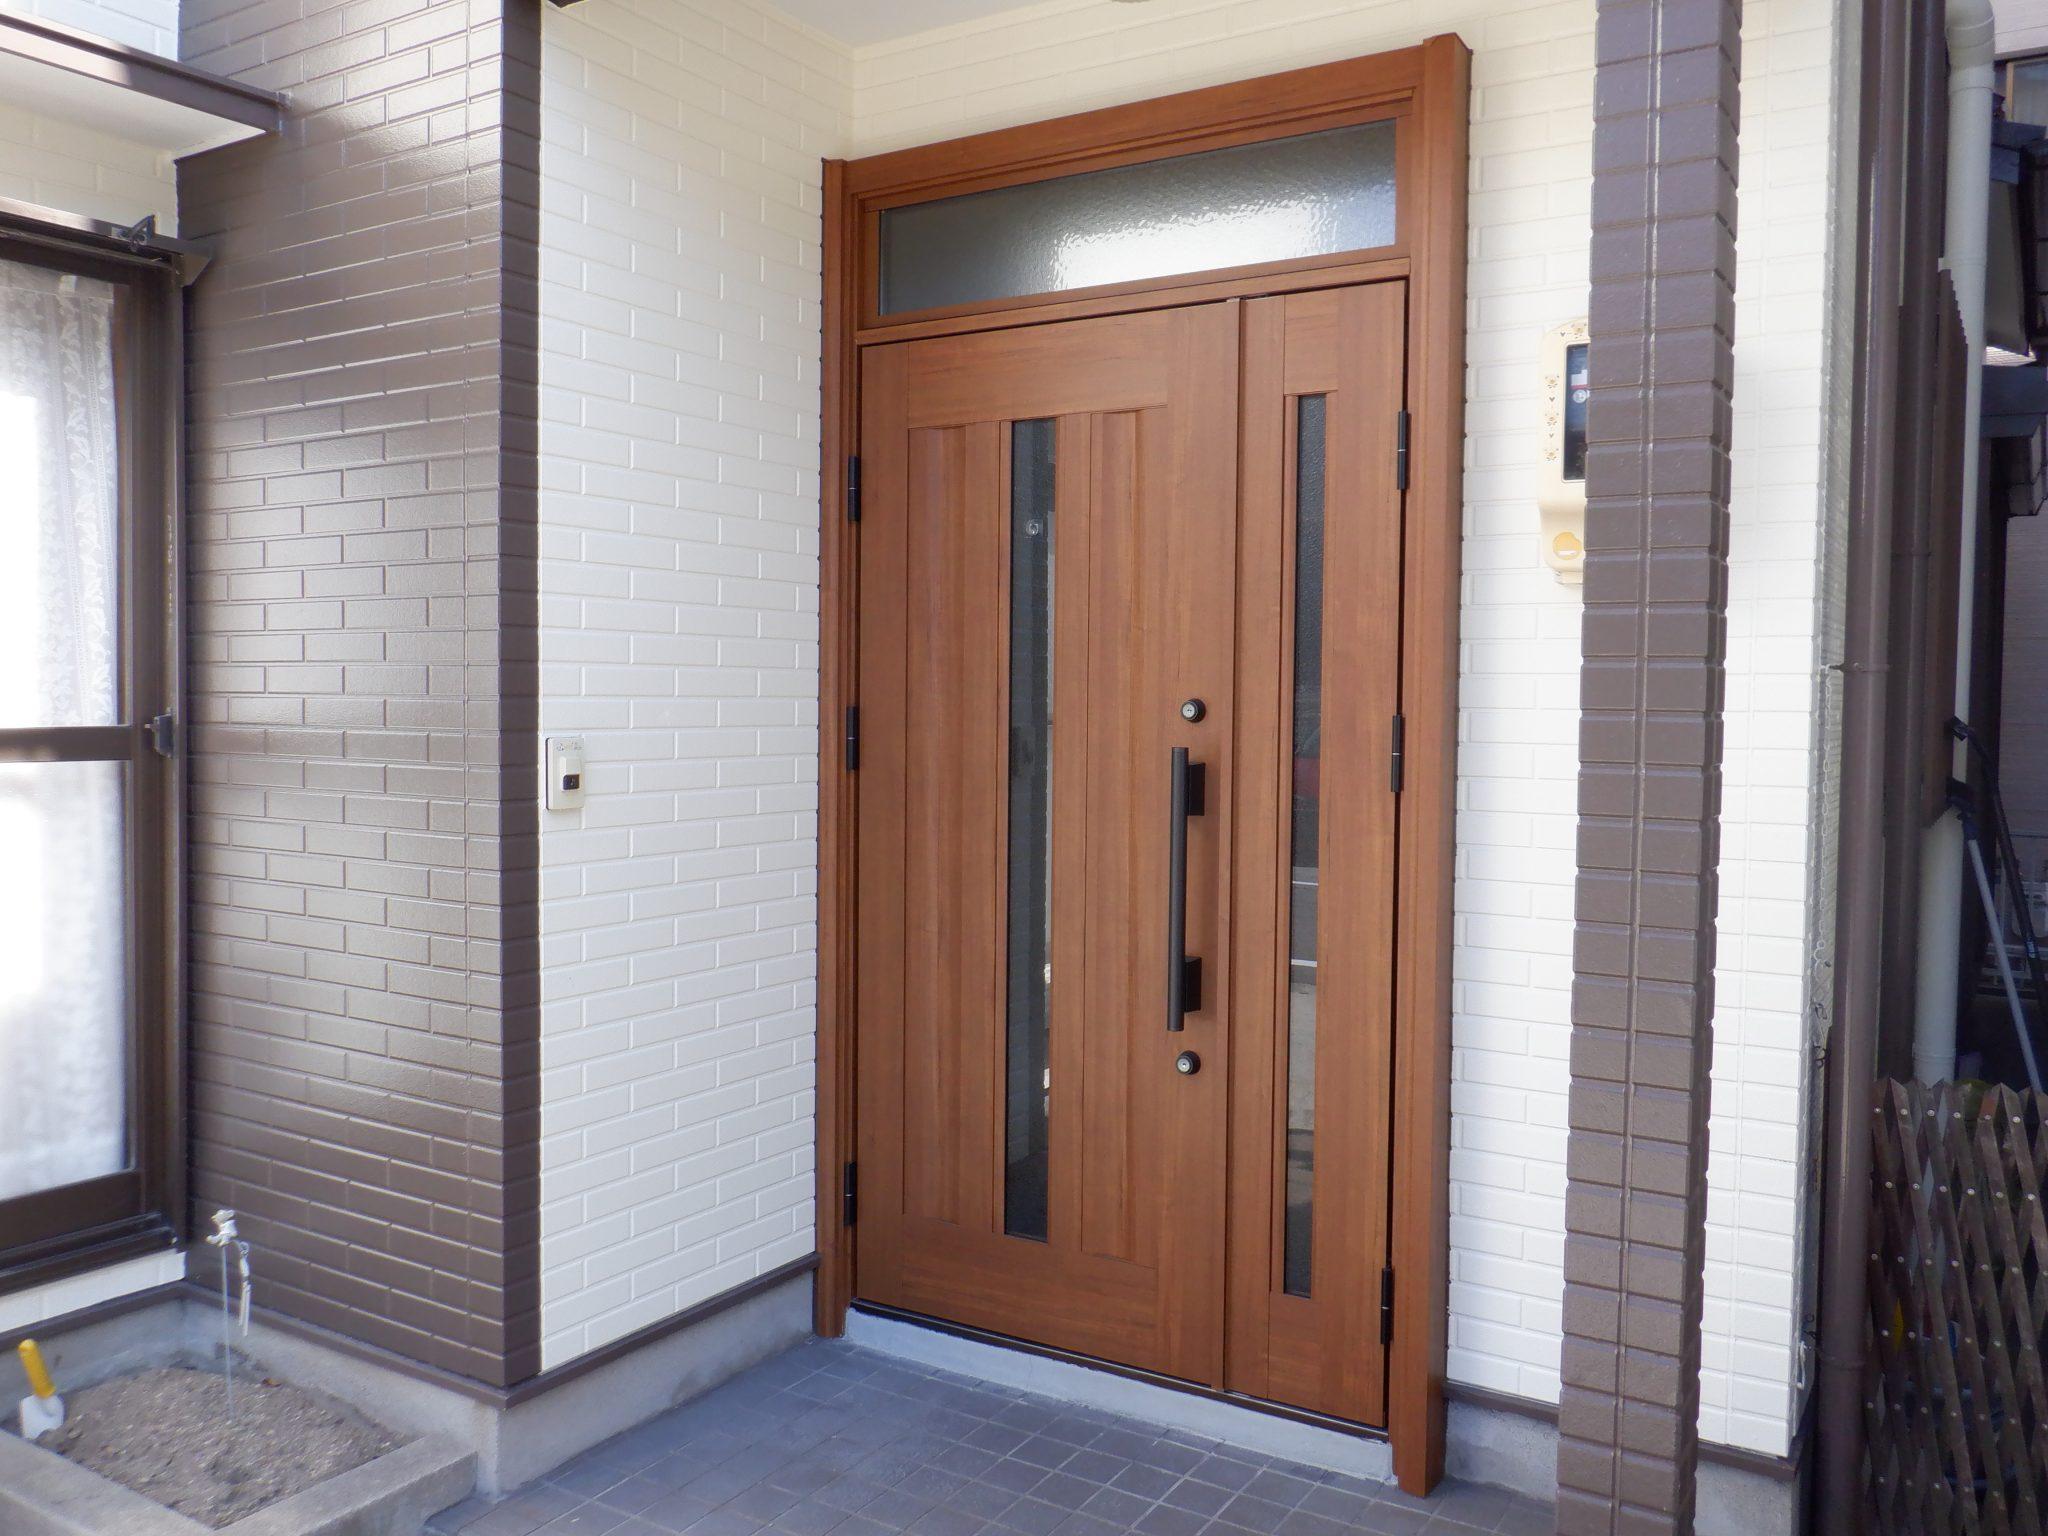 知多市 G様邸 外装リフォーム工事 (4)